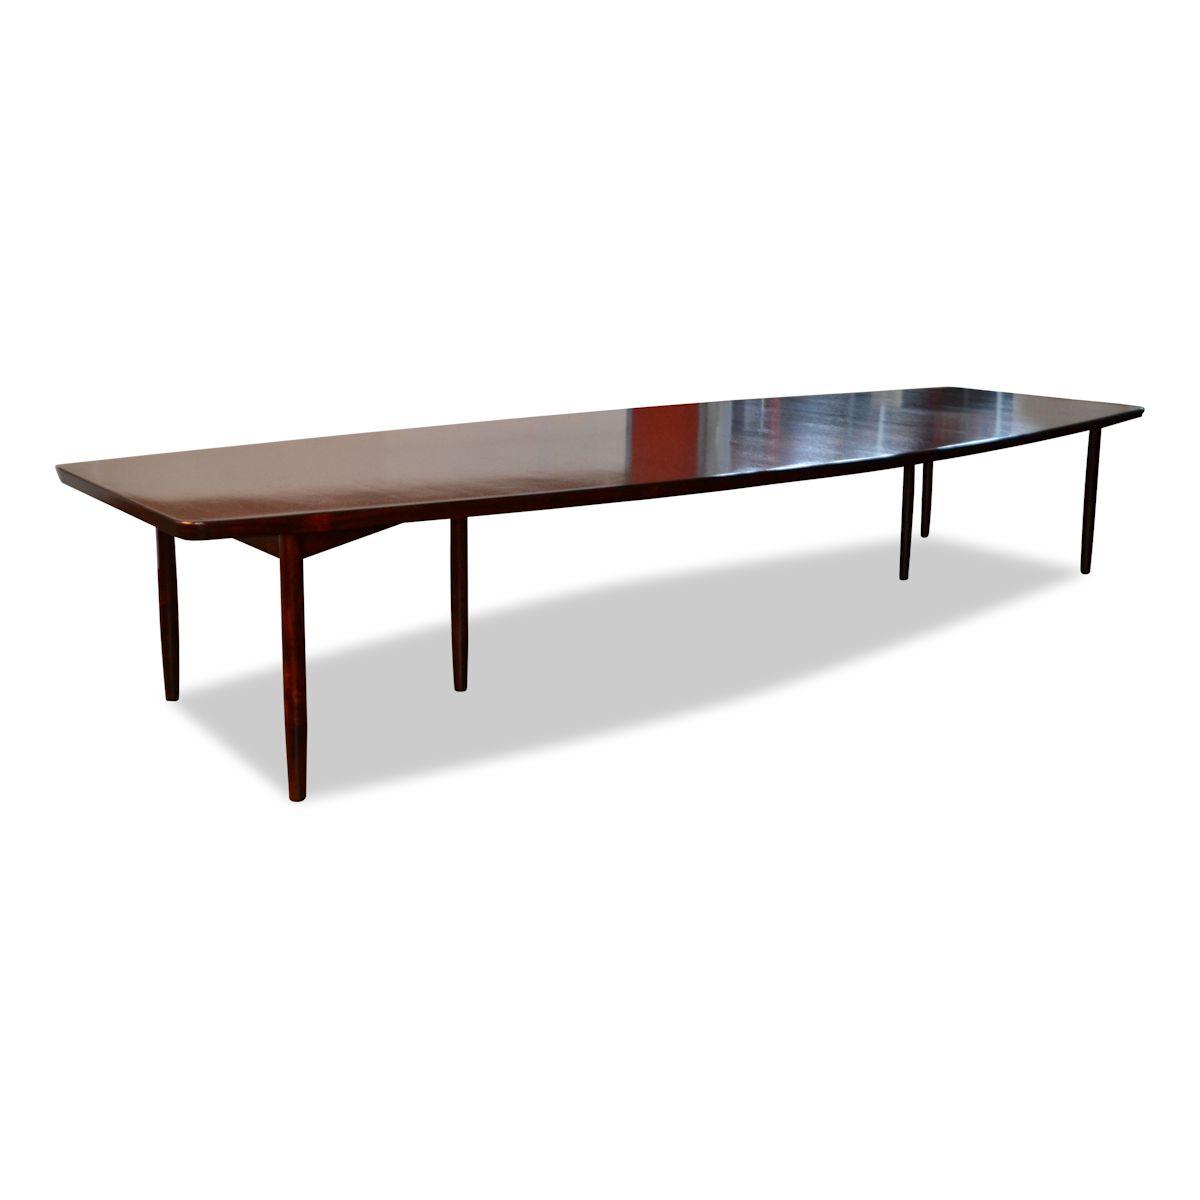 Vintage Rosewood Dining/Conference Table by Arne Vodder